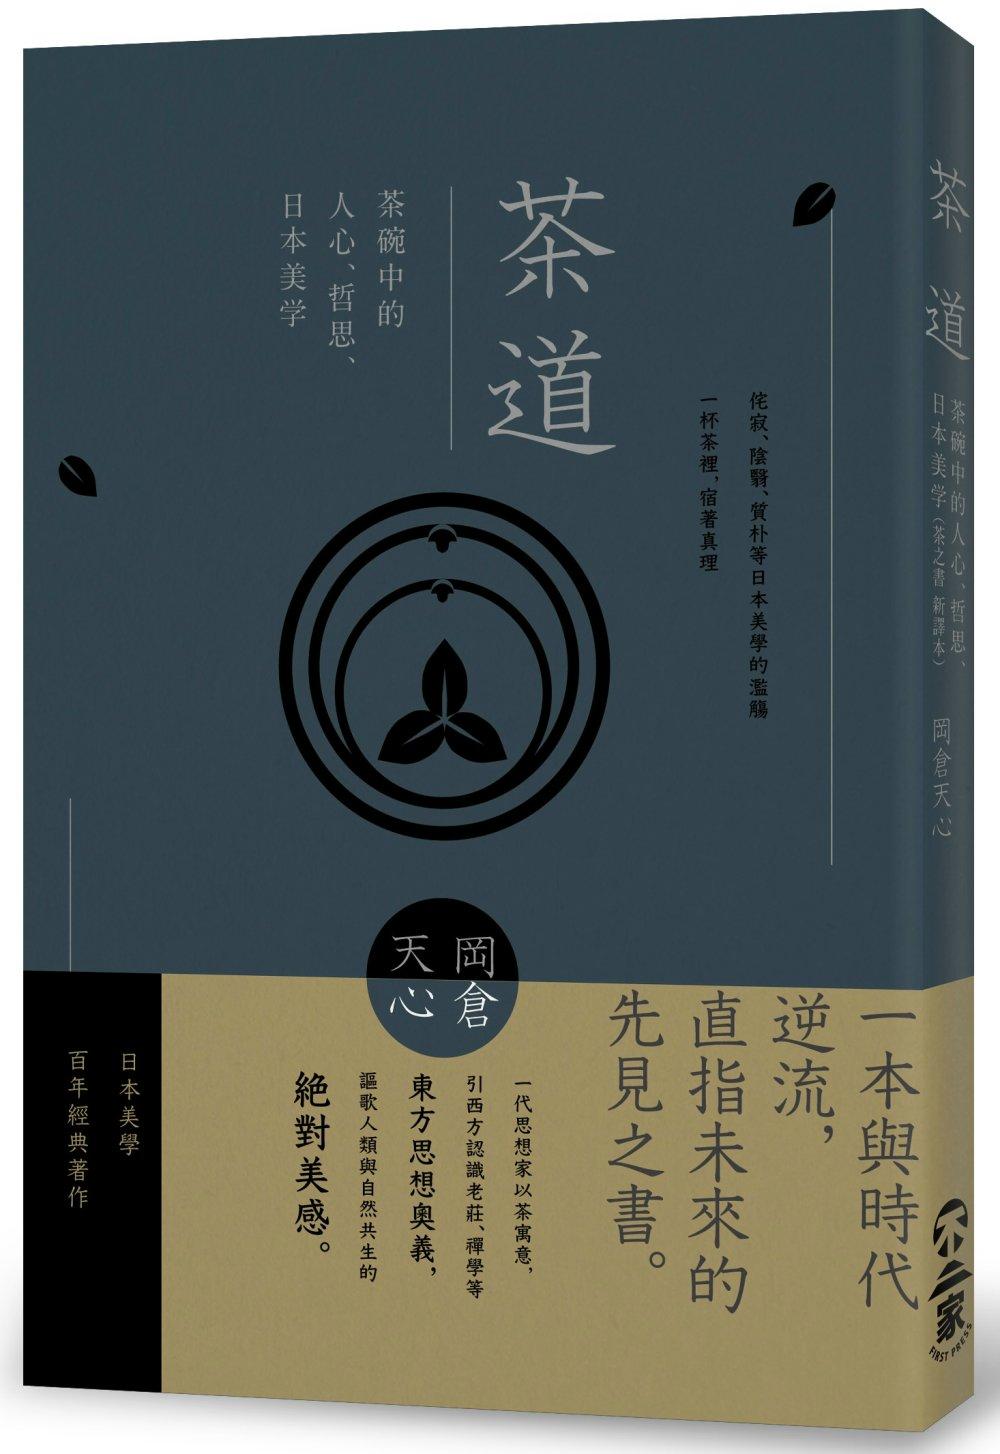 茶道:茶碗中的人心、哲思、 美學 茶之書 新譯本